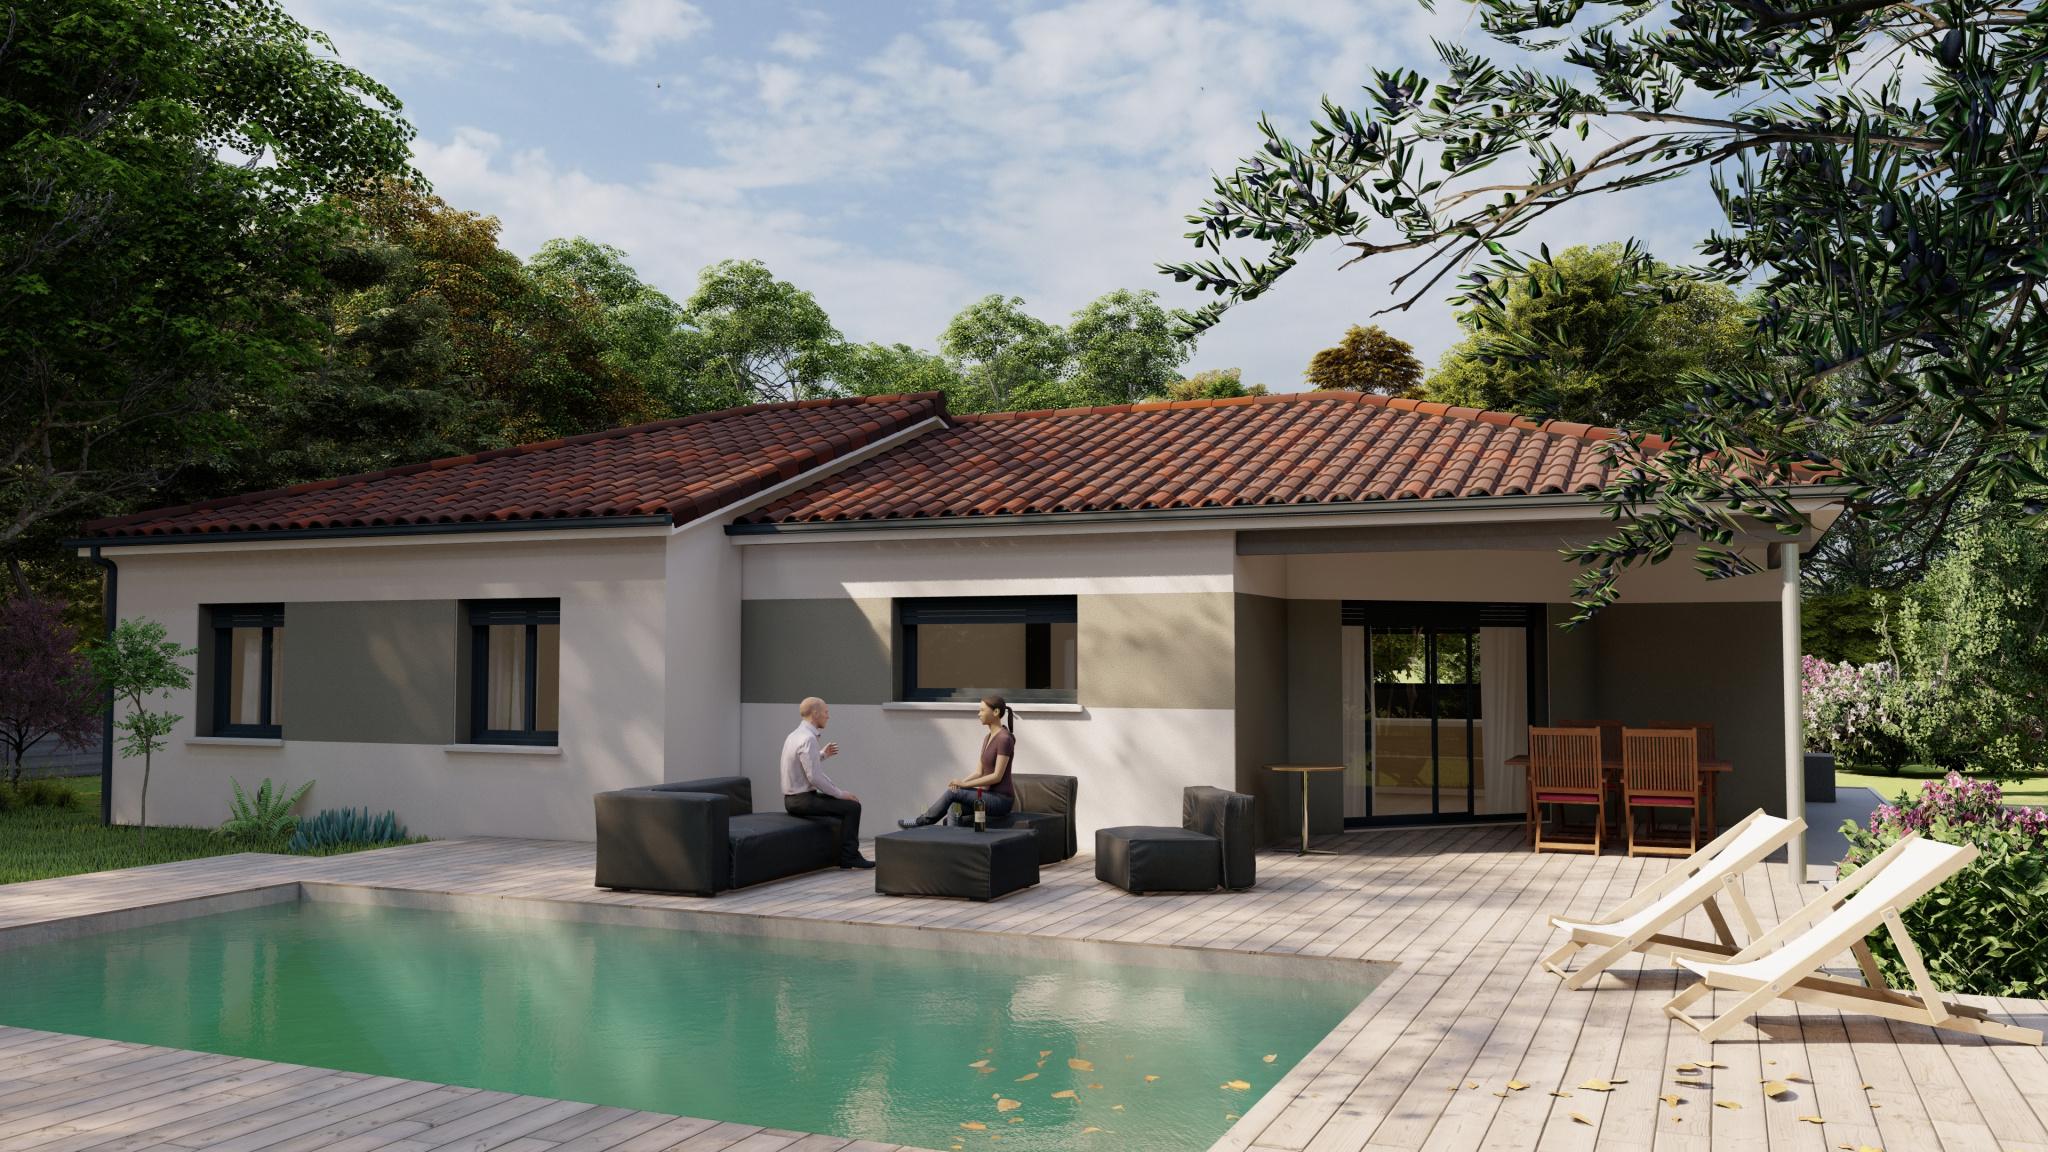 Vente maison à Fumel (47500) de 110 m2 habitable sur terrain de 1635 m2